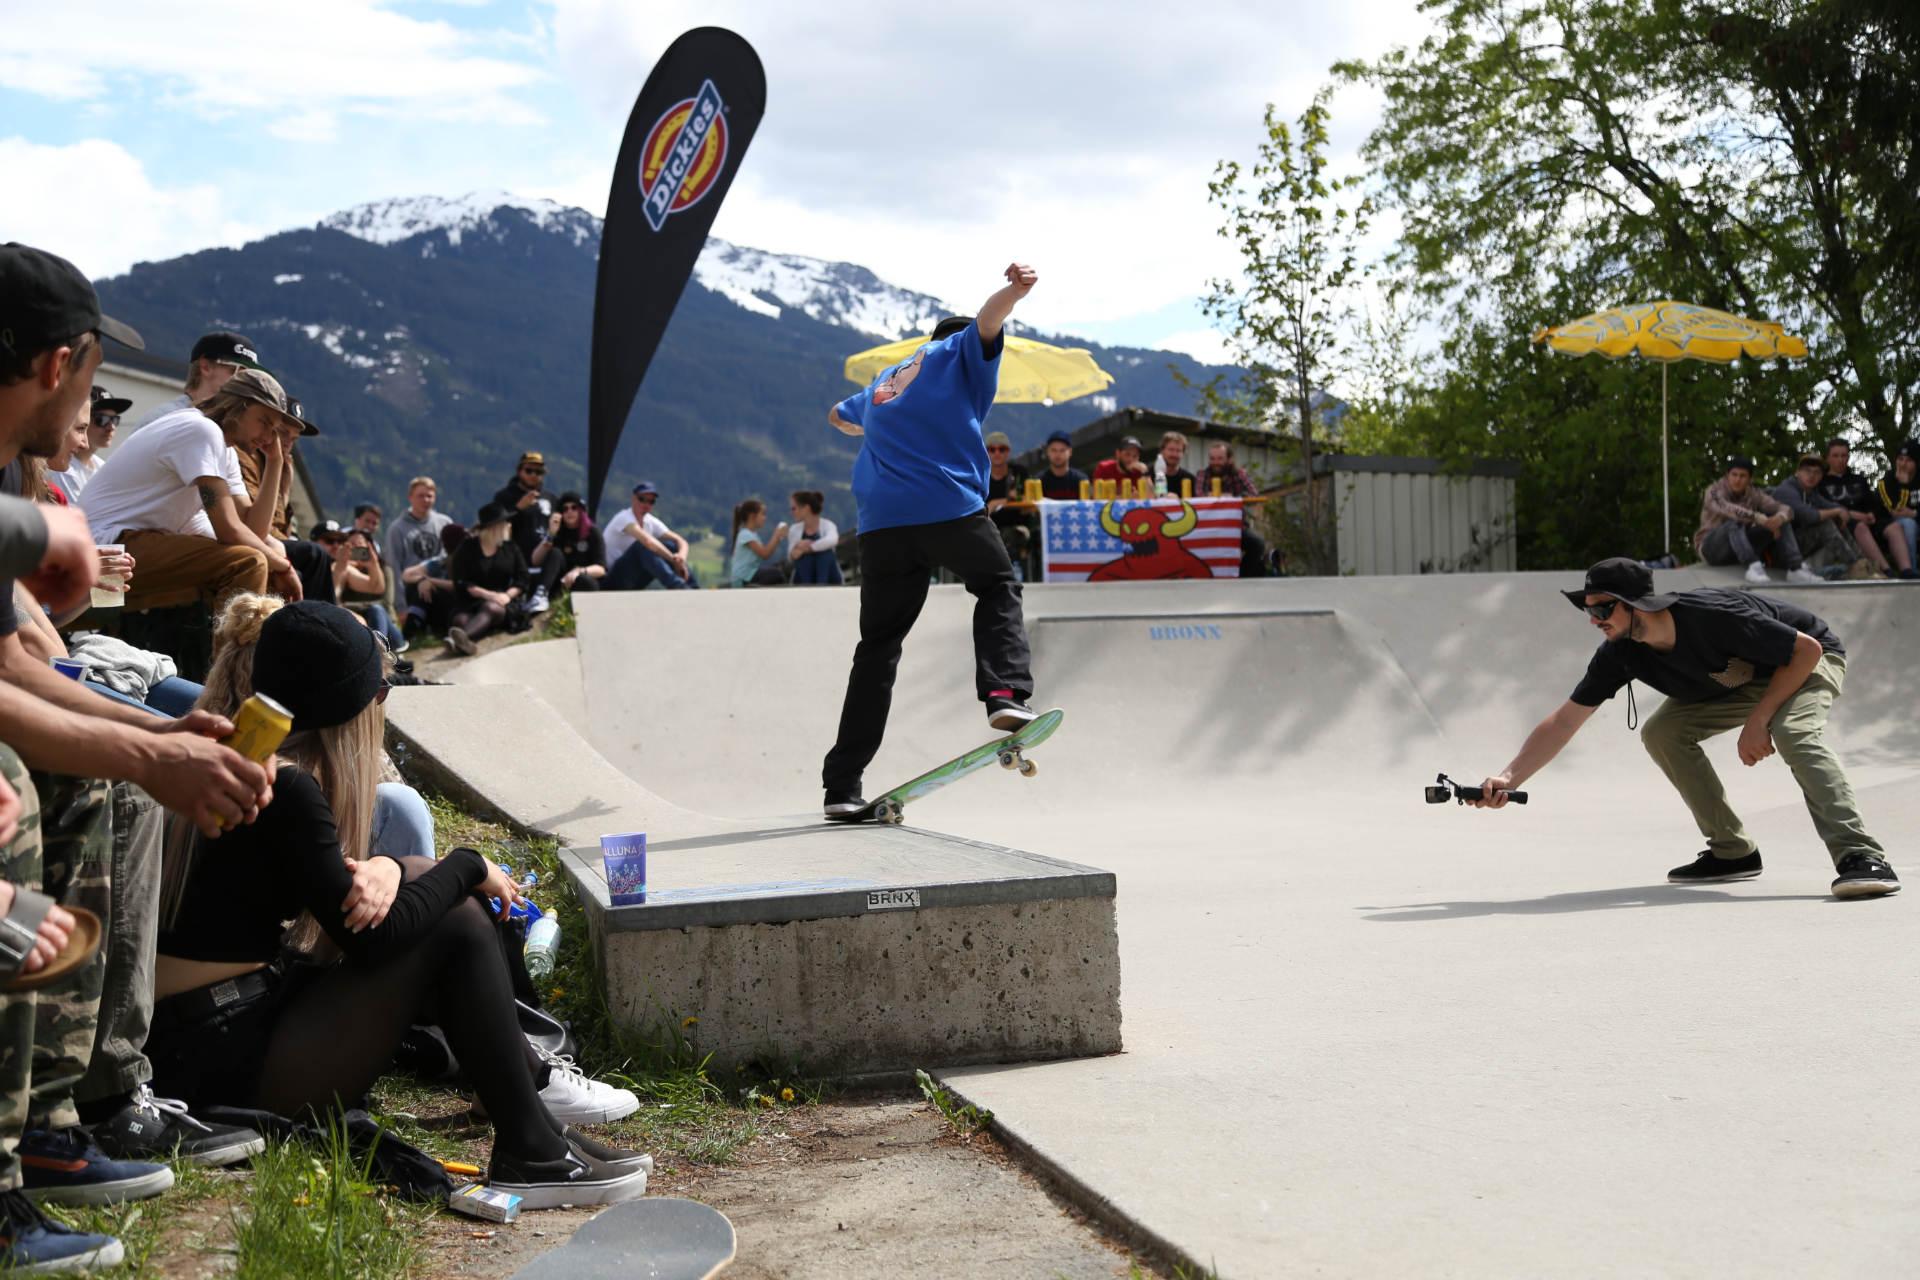 skateboard headz fieberbrunn kgt kitz gau trophy 2019 saalfelden hell00098